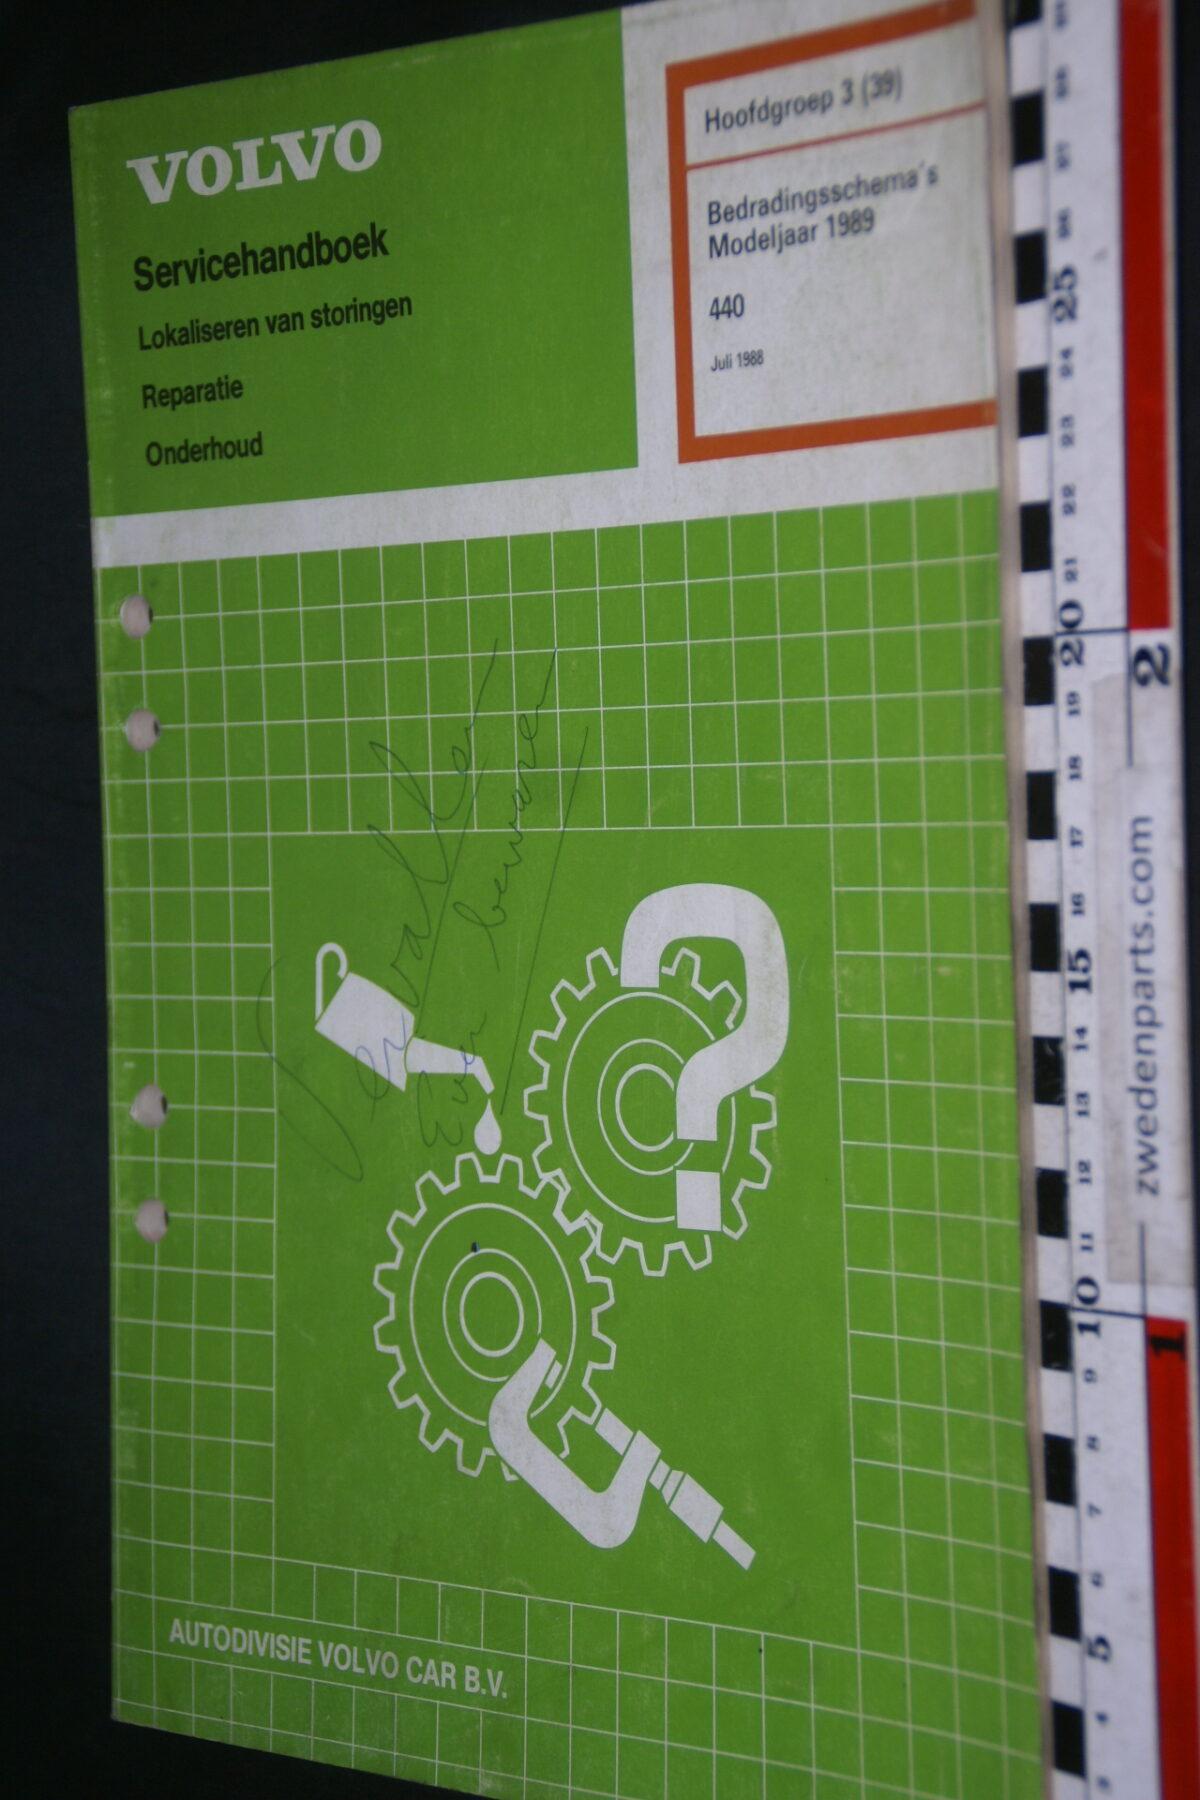 DSC09425 1988 origineel werkplaatsboek 3 (39) bedradingsschema Volvo 440 1 van 1.000 nr TP 35531-1